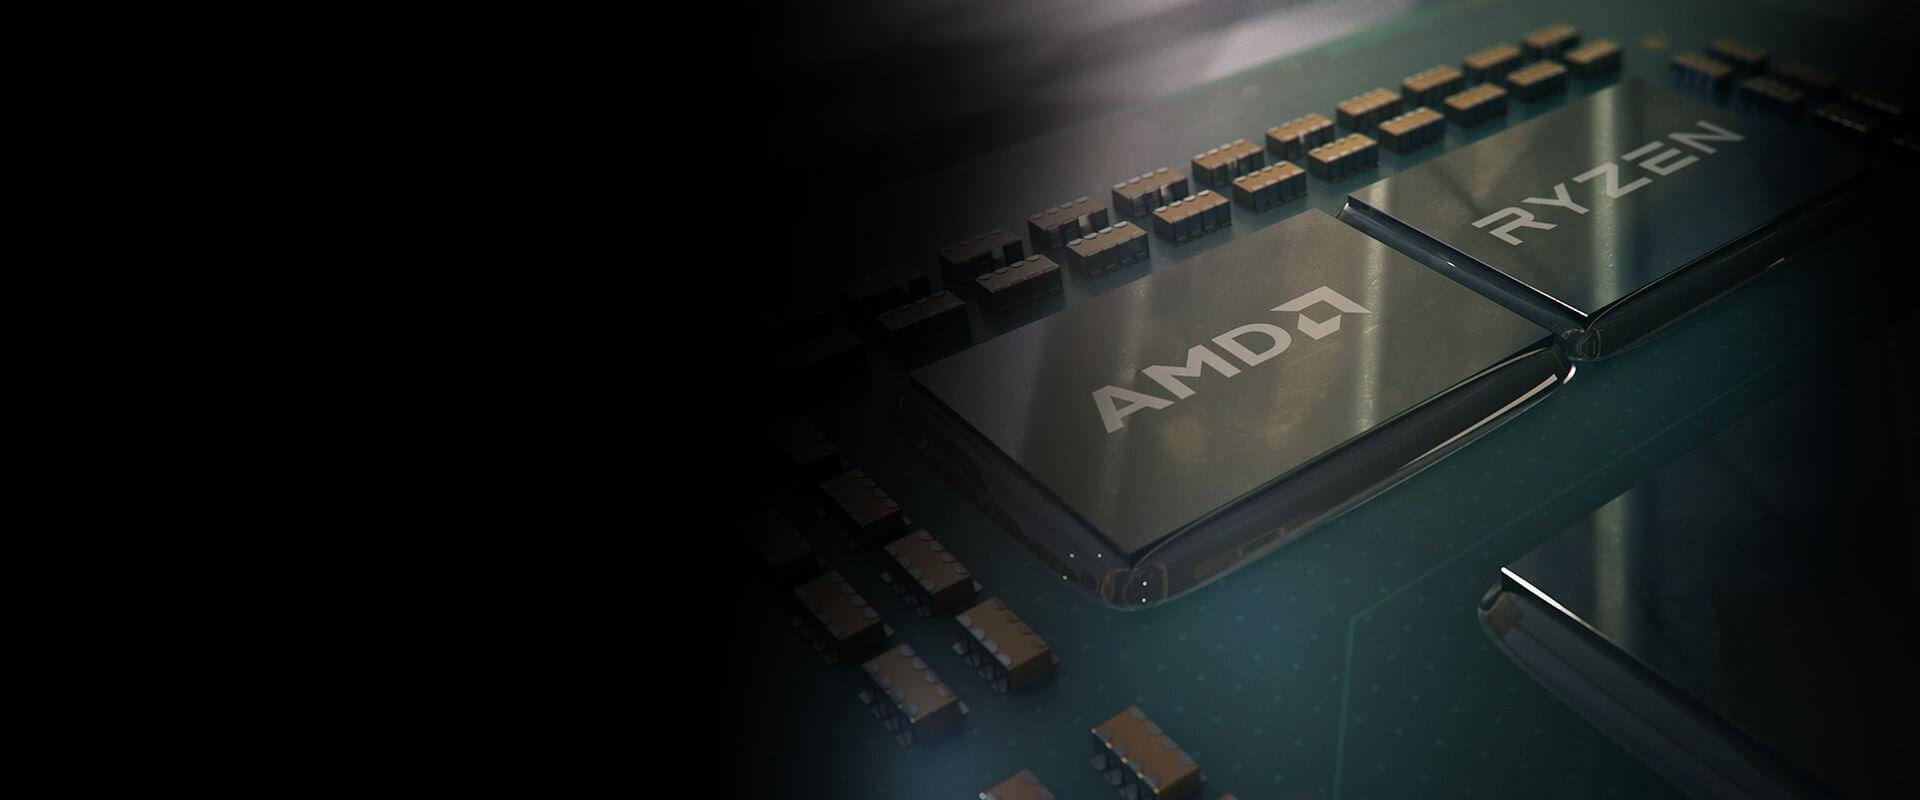 3rd Gen AMD Ryzen CPUs